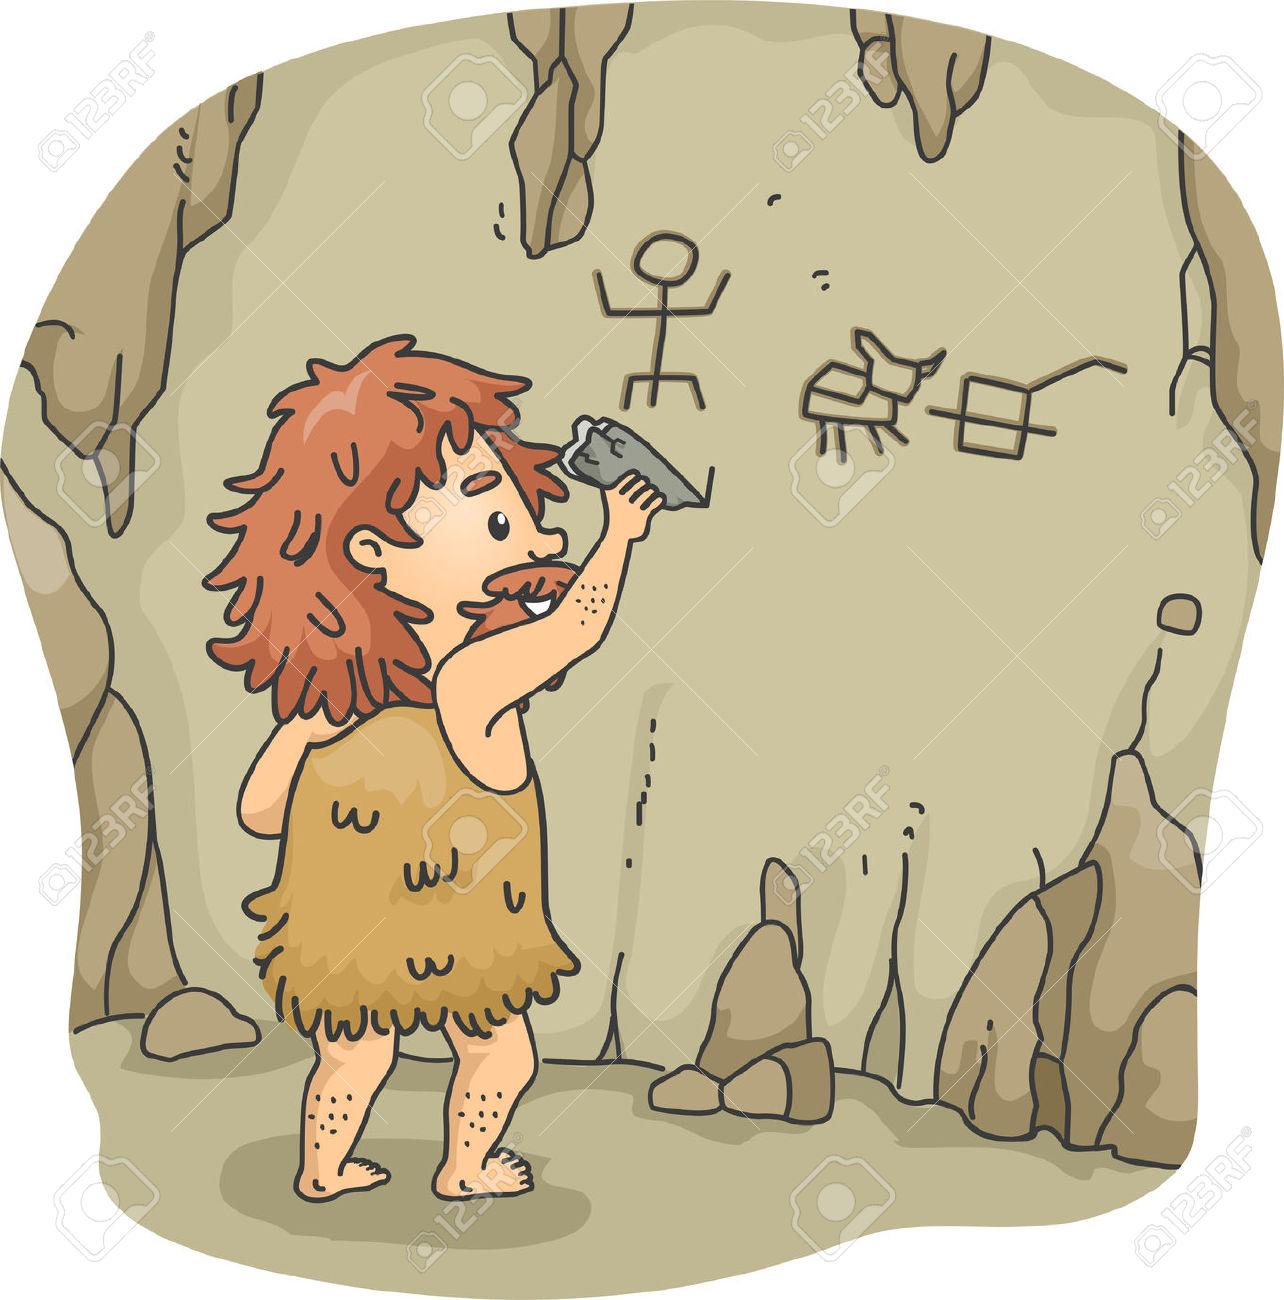 Illustration Eines Caveman Radierung Fakten Auf Den Mauern Einer.